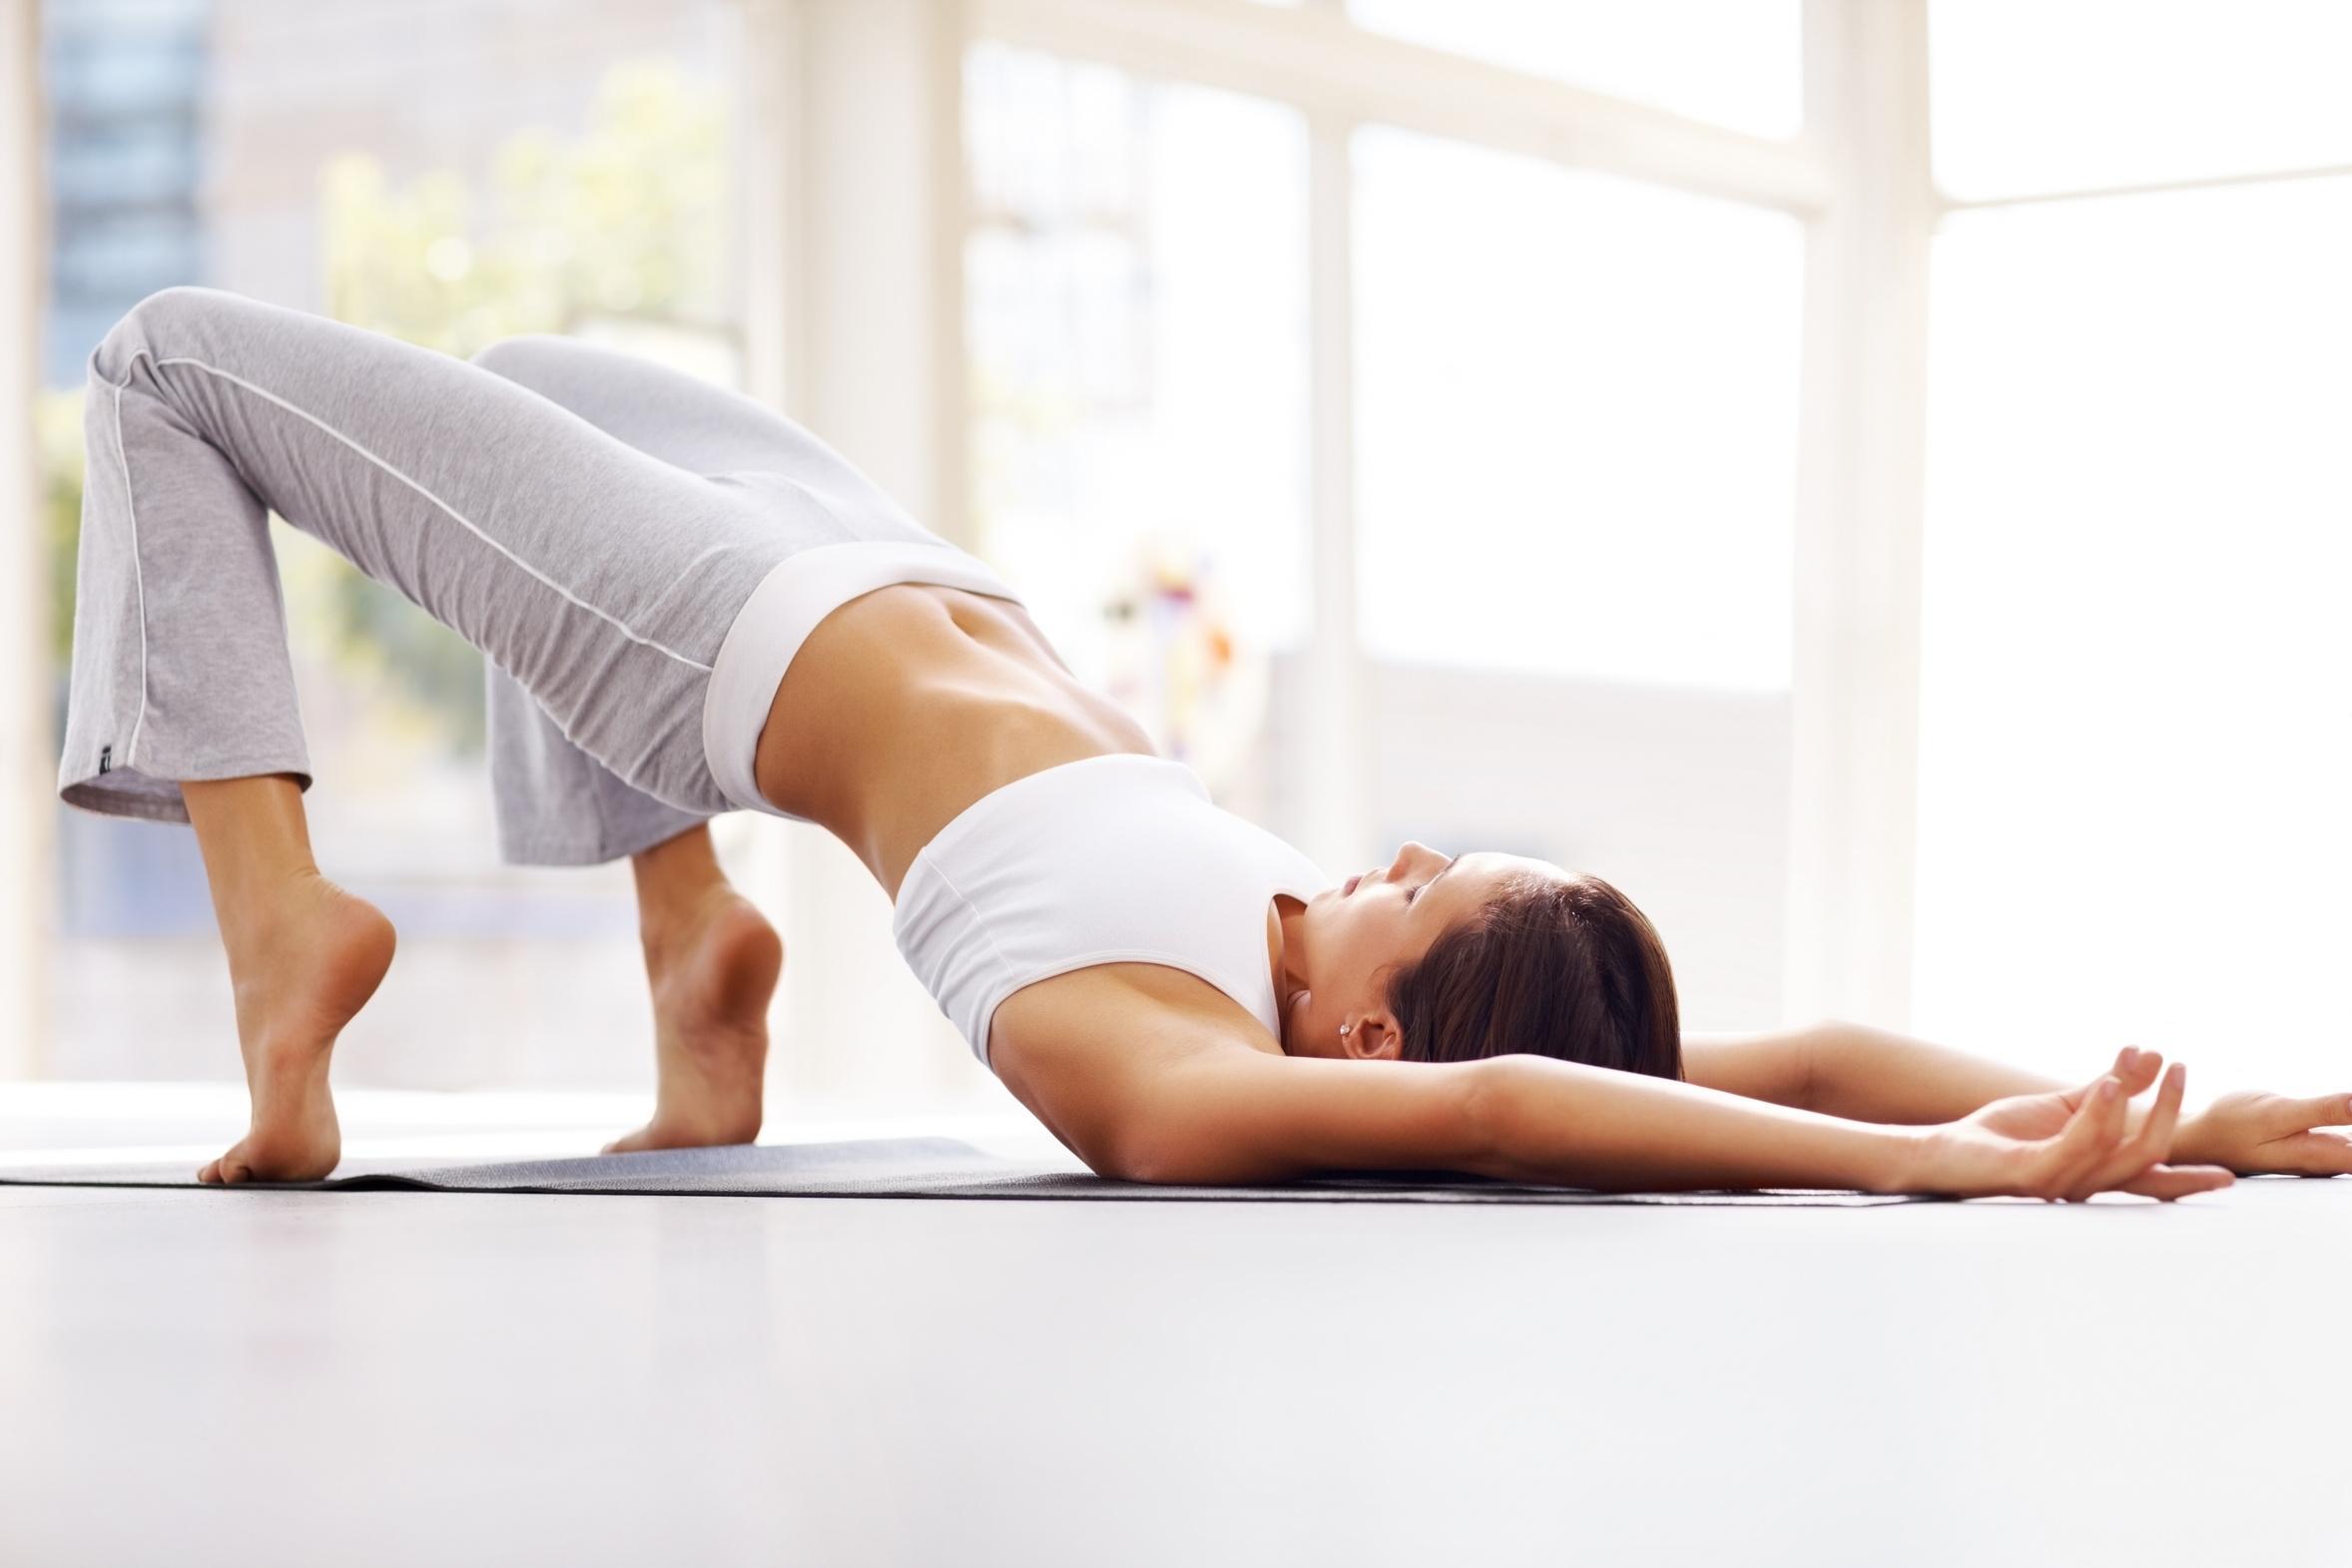 exerciții pentru ca penisul să stea în picioare cum să așezi penisul